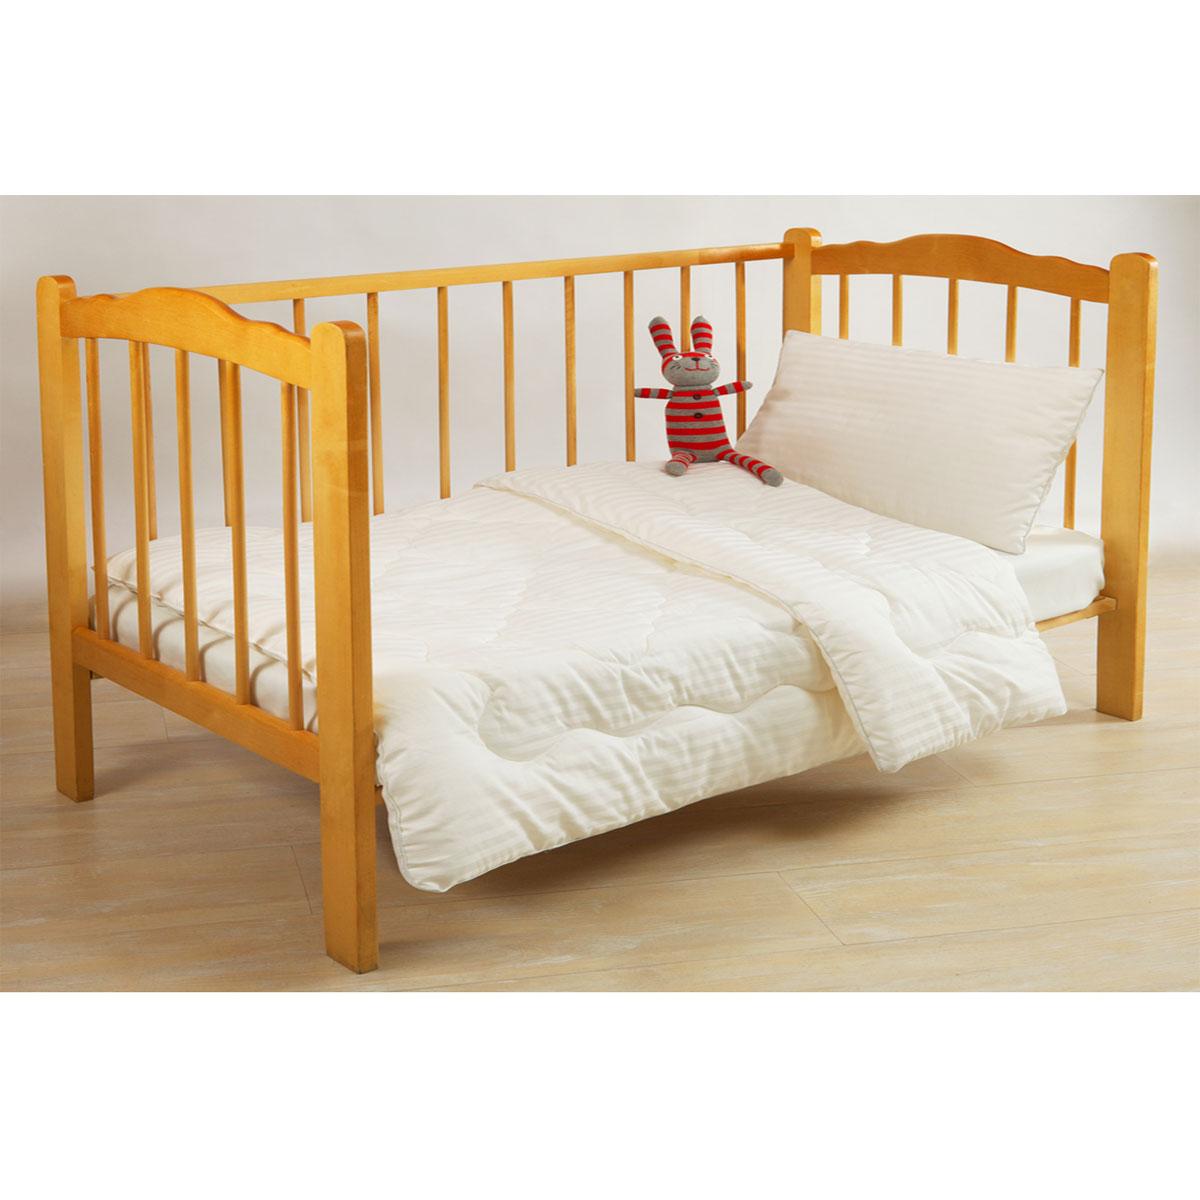 Одеяло Fani/Фани, 110 см х 140 см, цвет: белый123415707-10Одеяло Fani/Фани создано специально для детей! Одеяло Fani/Фани с наполнителем из волокна бамбука в чехле из нежного итальянского сатин-жаккарда (100% хлопок) белого цвета с художественной стежкой, не только легкое и приятное на ощупь, но обладает уникальными оздоравливающими свойствами. Бамбук является природным антисептиком, обладающим уникальными антибактериальными и дезодорирующими свойствами. Также бамбуковое волокно является абсолютно гипоаллергенным наполнителем, что делает его идеальным для постели ребенка. УХОД: возможна не только ручная, но и машинная стирка в теплой воде (не выше 30 градусов) с использованием моющих средств, не содержащих отбеливающих веществ. После стирки изделие в глажке не нуждается. Не рекомендуется машинная сушка. Химическая чистка разрешена. Характеристики: Материал чехла: сатин-жаккард (100% хлопок). Наполнитель: волокно бамбука. Размер одеяла: 110 см х 140 см....